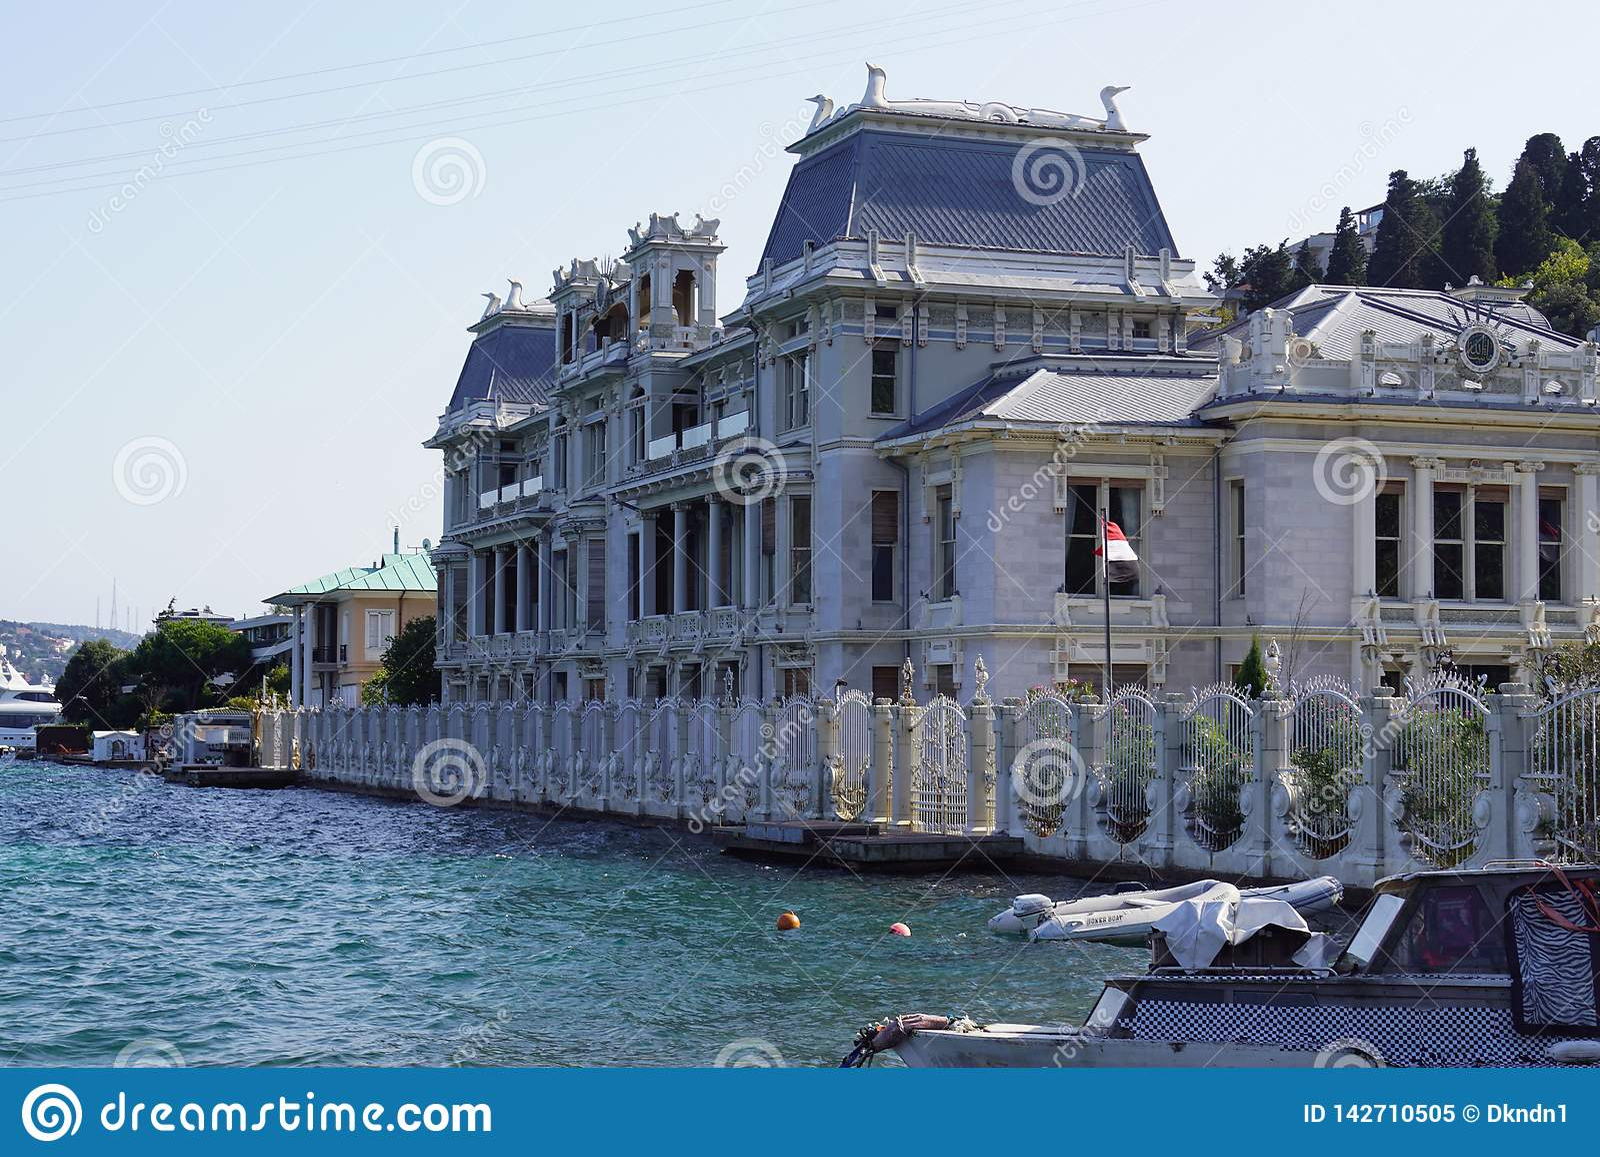 Ä°stanbul, Mármara/Turquía 10 03 2019: Consulado de Egipto